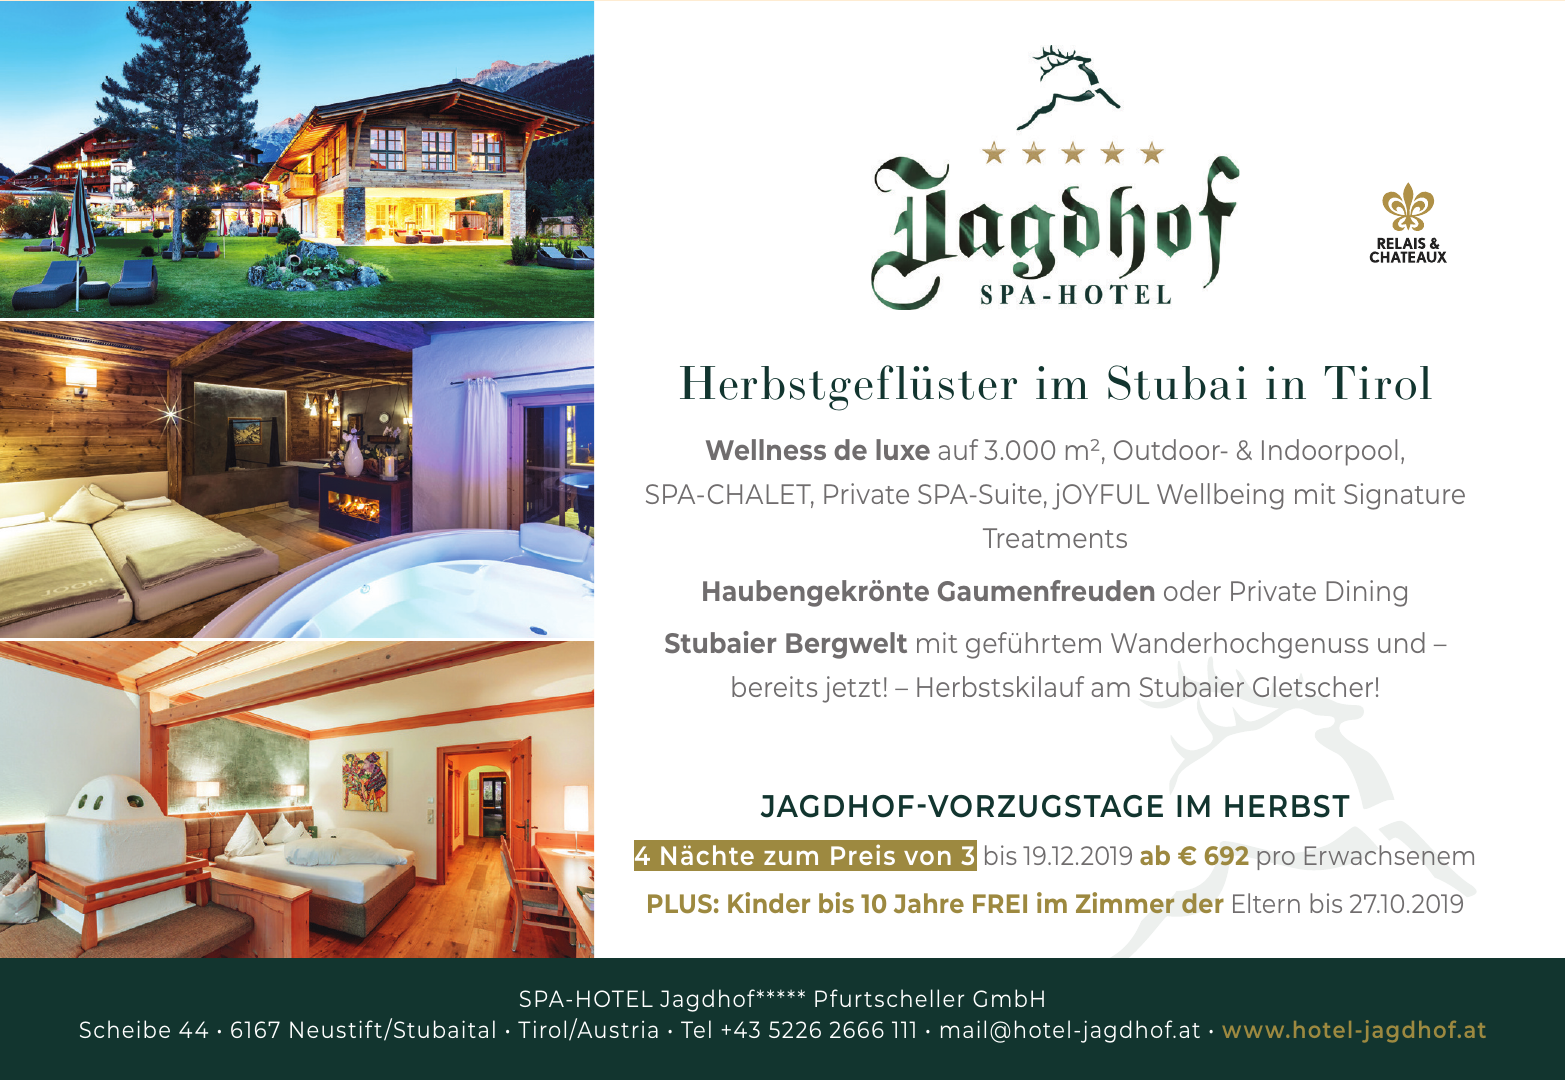 Spa-Hotel Jagdhof - Pfurtscheller GmbH